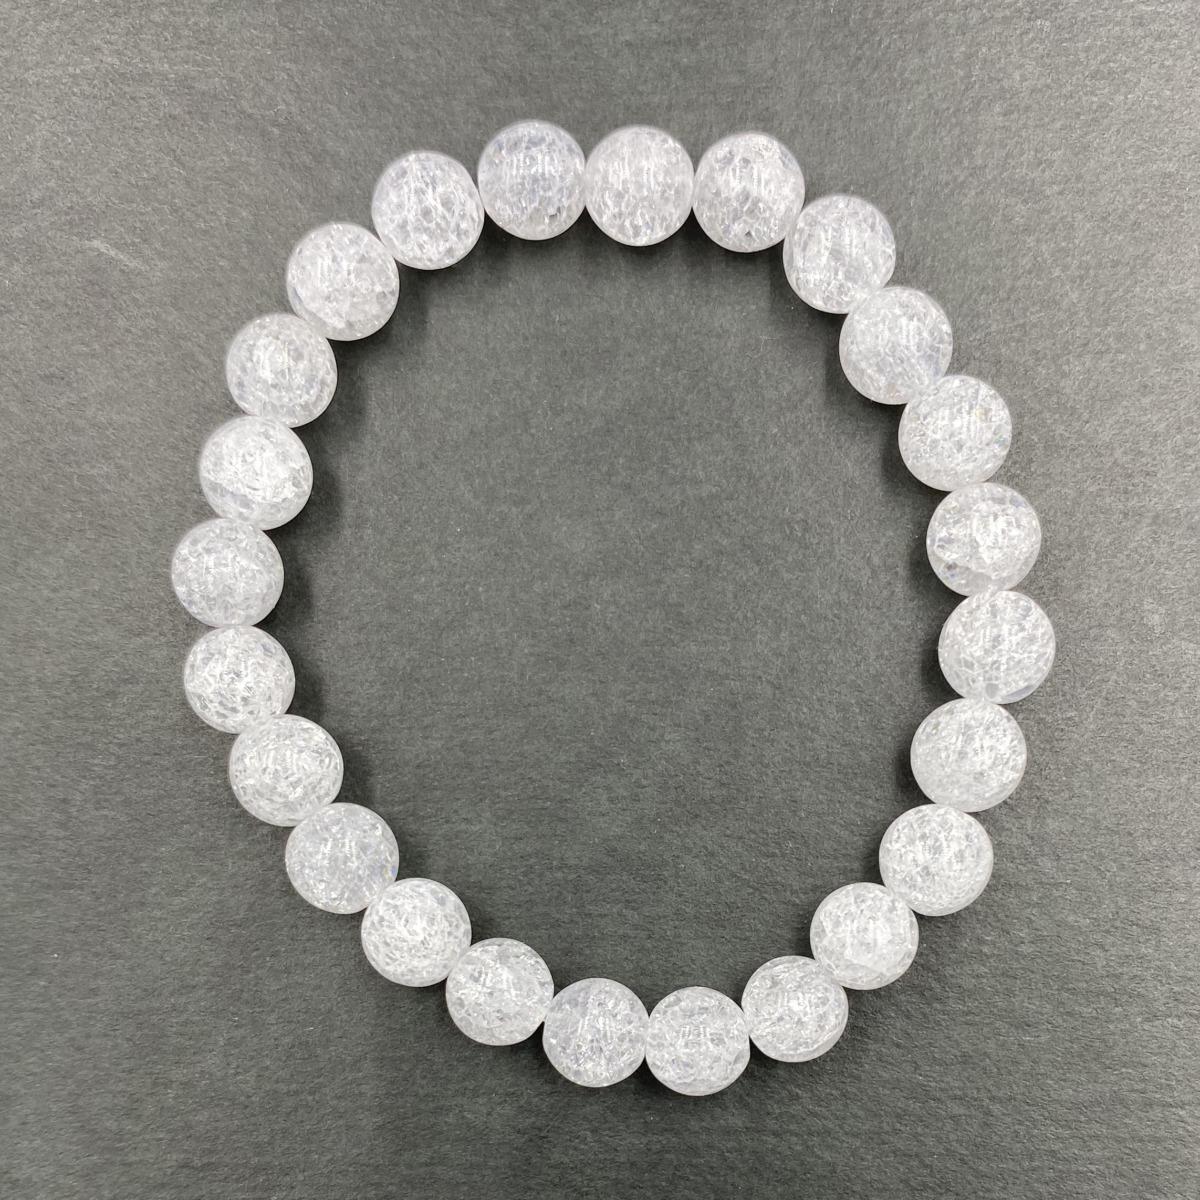 【Standard】クラック水晶ブレスレット 8mm CRC-B-8-001